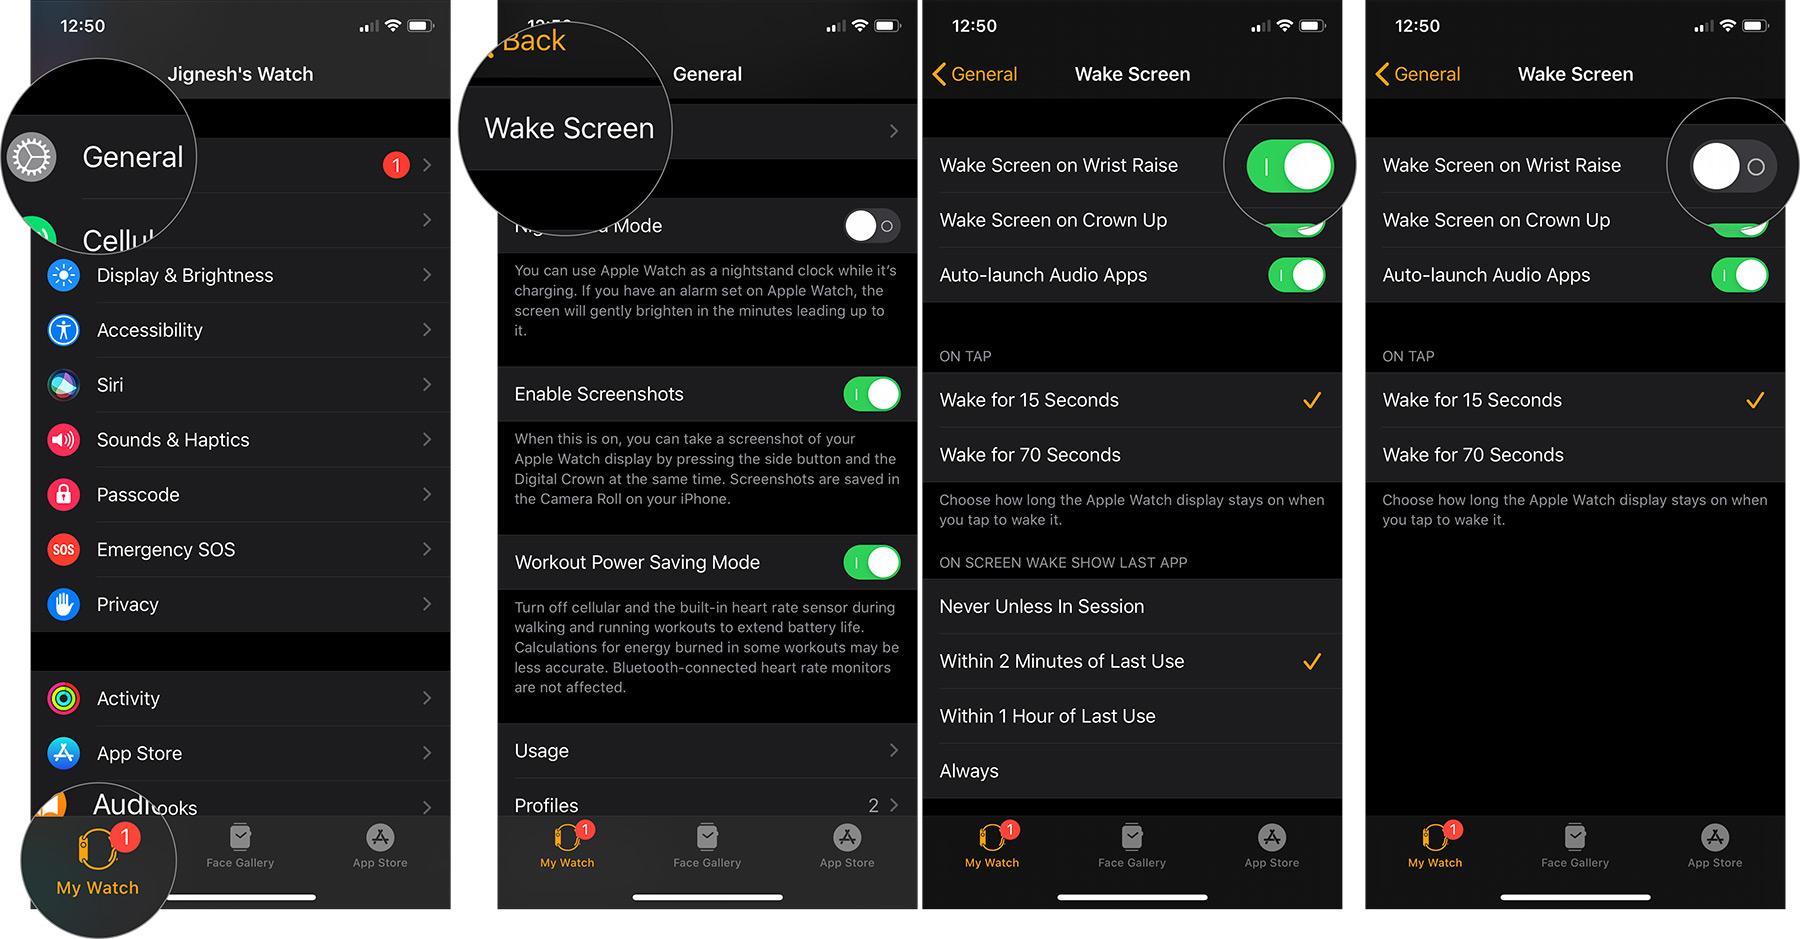 Hör auf einzuschalten Apple Watch Bildschirm, wenn Sie Ihr Handgelenk anheben